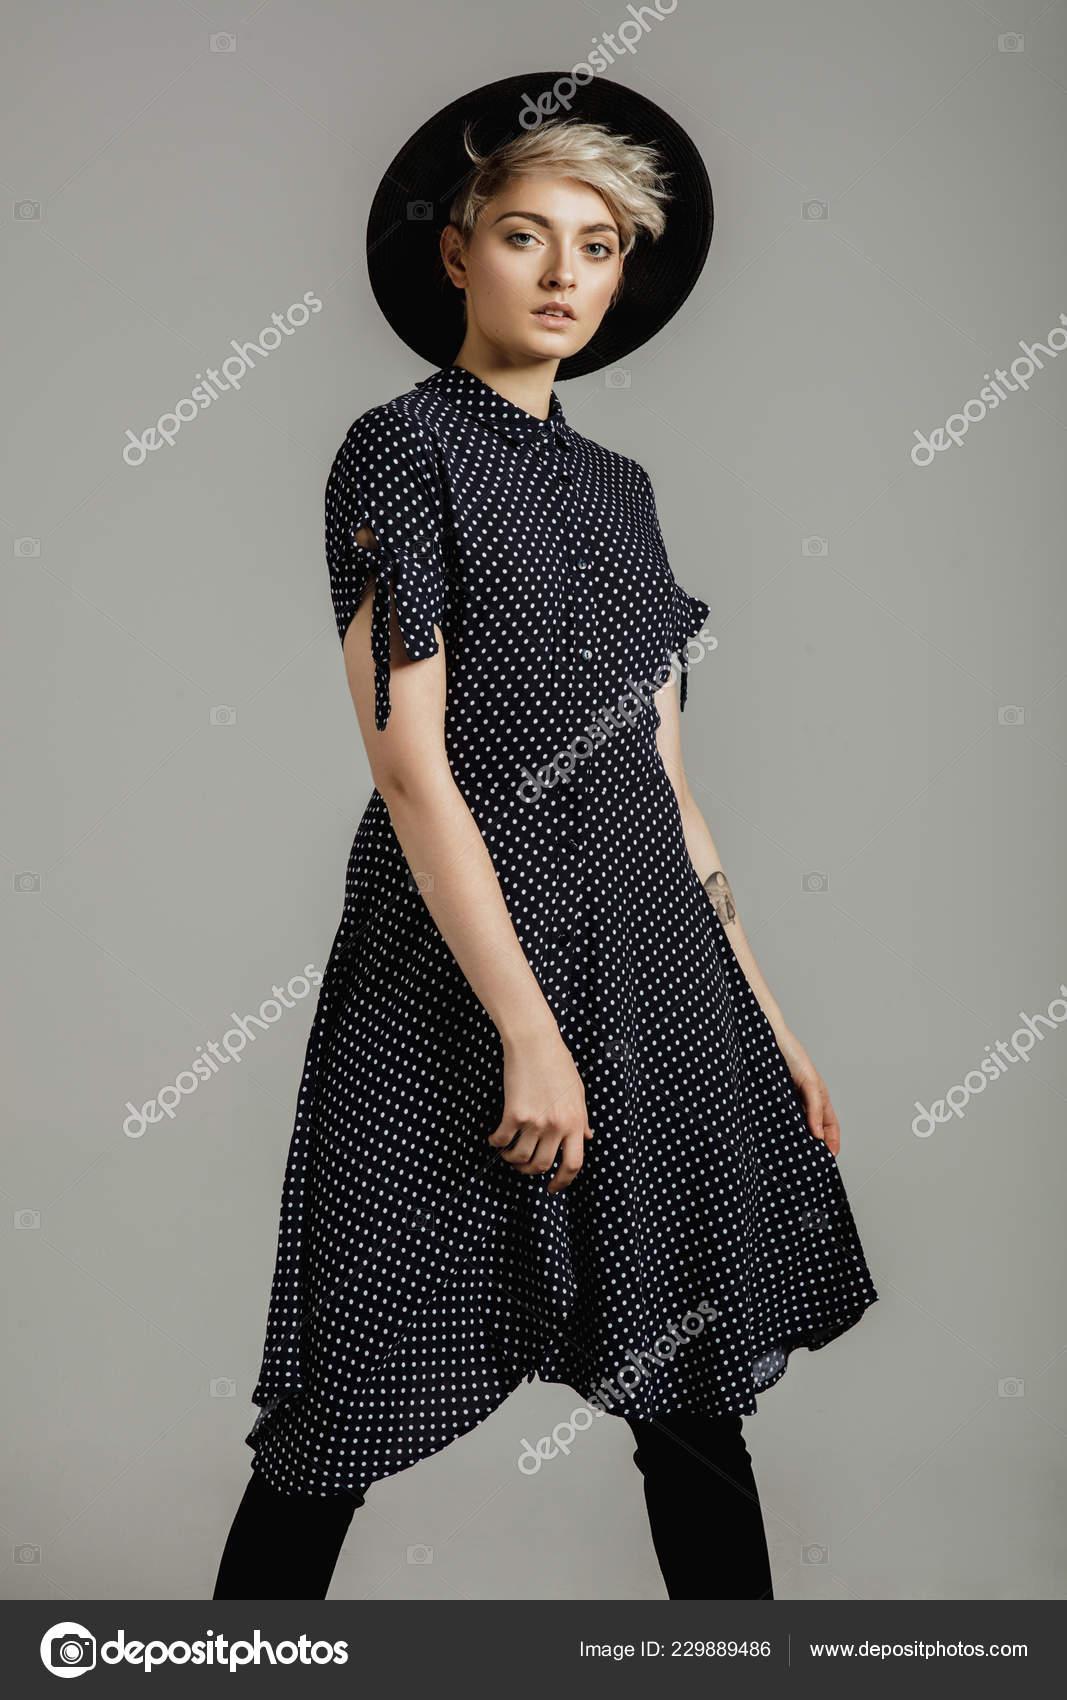 77e6d3831d Fashion Portrait Female Model Blond Short Hair Wear Black Hat — Stock Photo